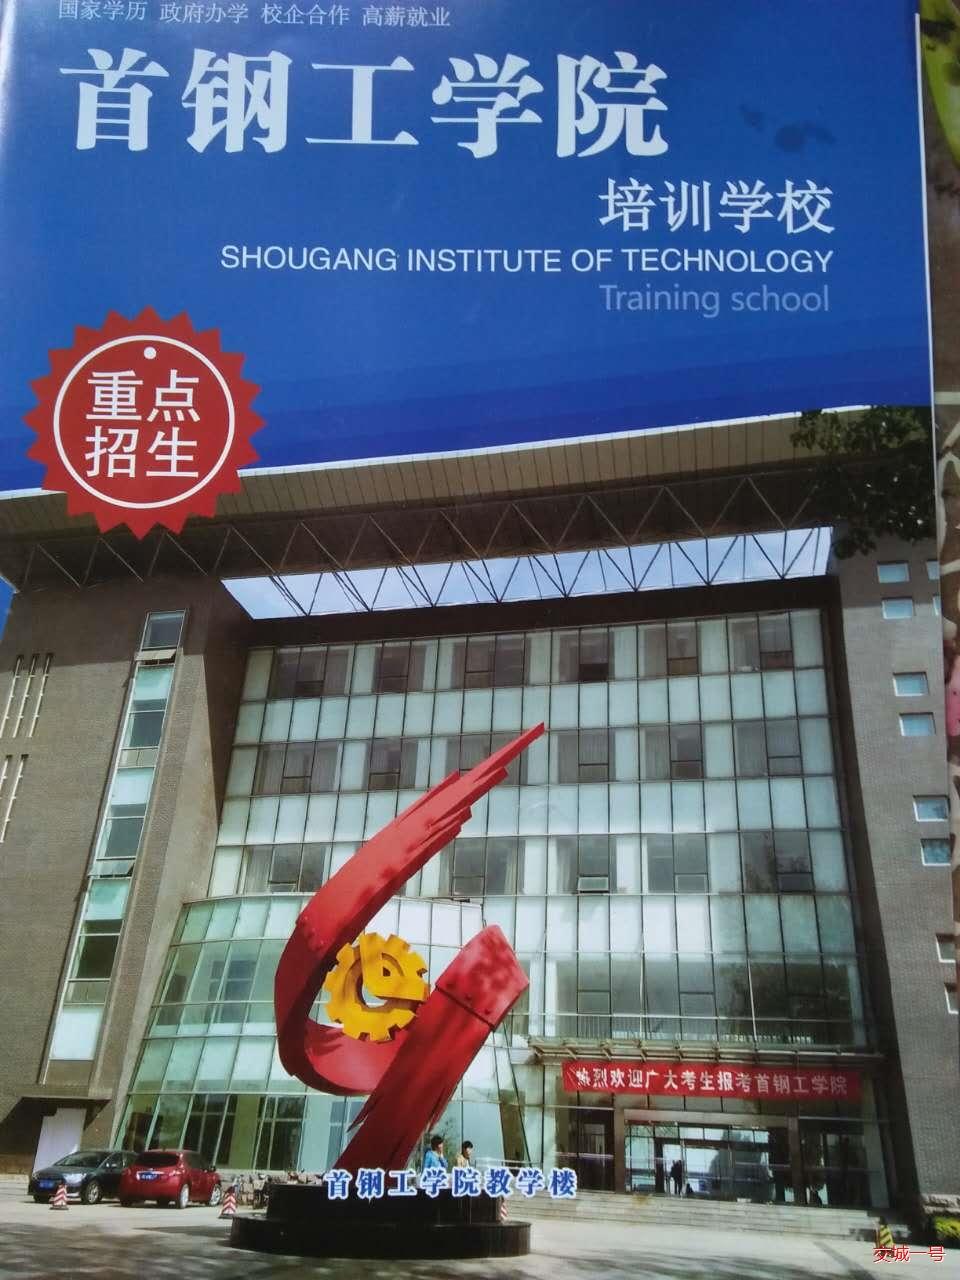 北京首钢工学院面向全国初高中生沙里v沙里,对高中全年塘图片